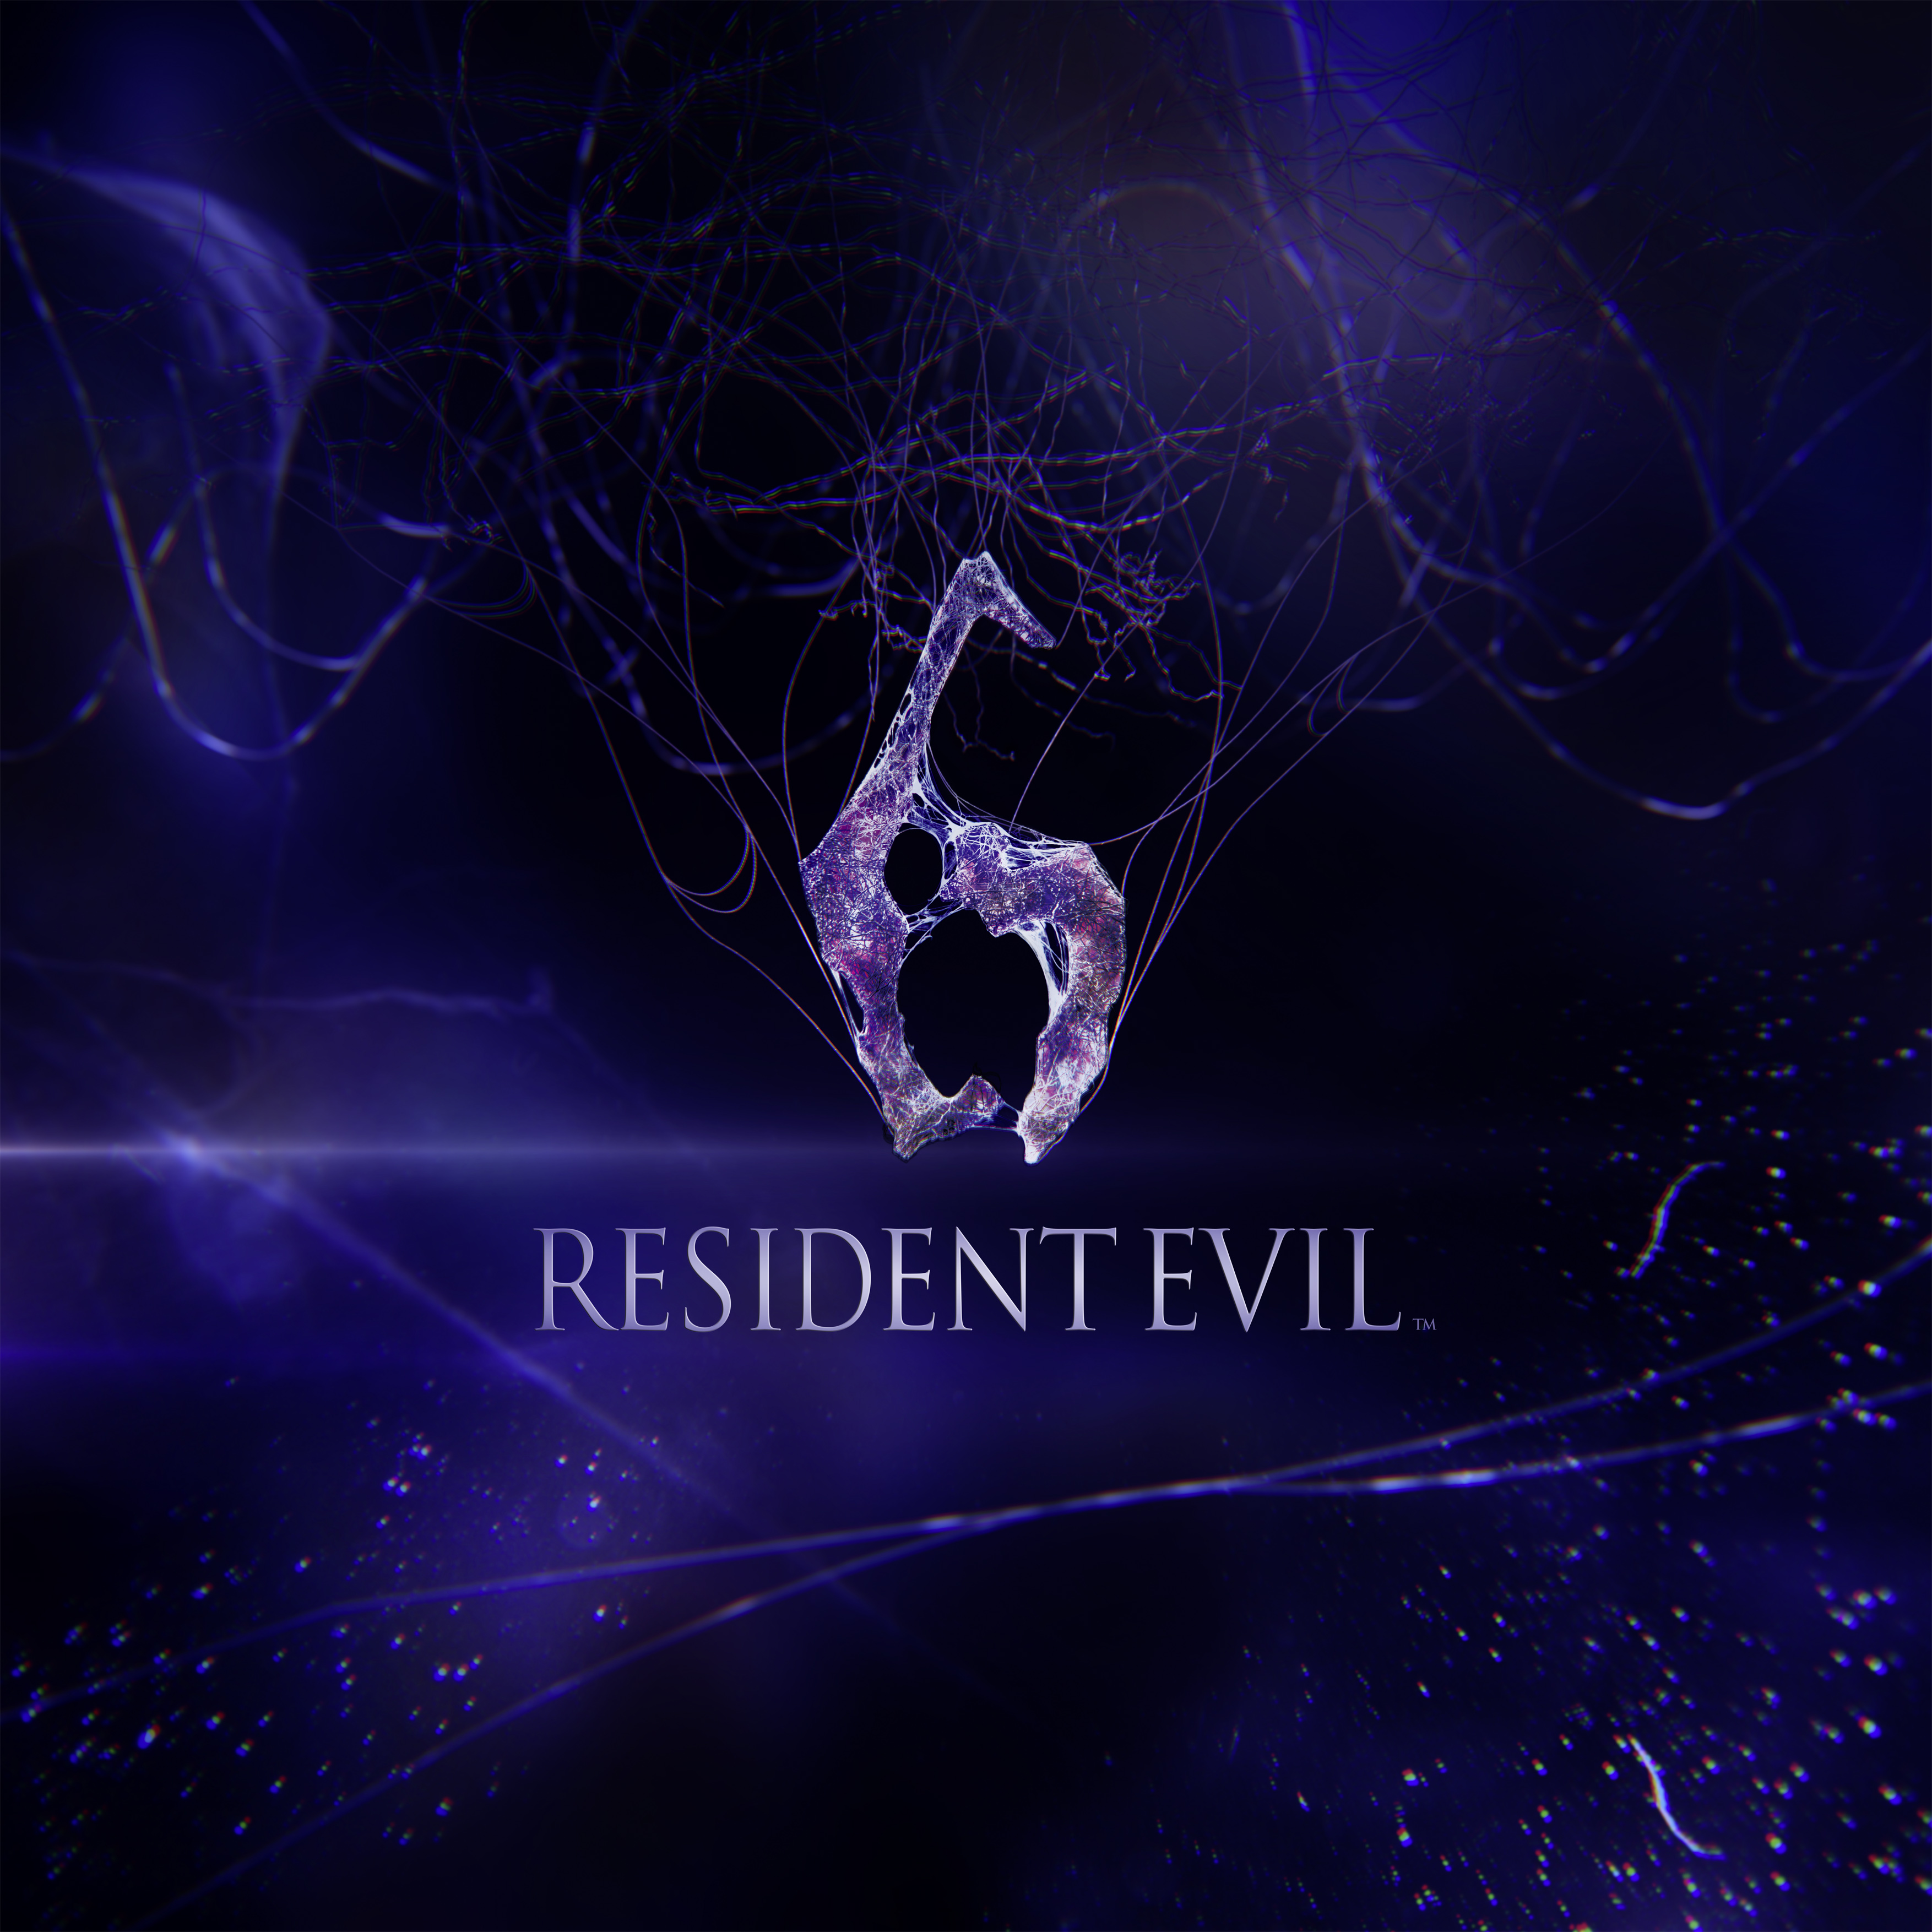 Residentevil6_4-7.jpg - Resident Evil.NET - Прочее (патчи, журналы